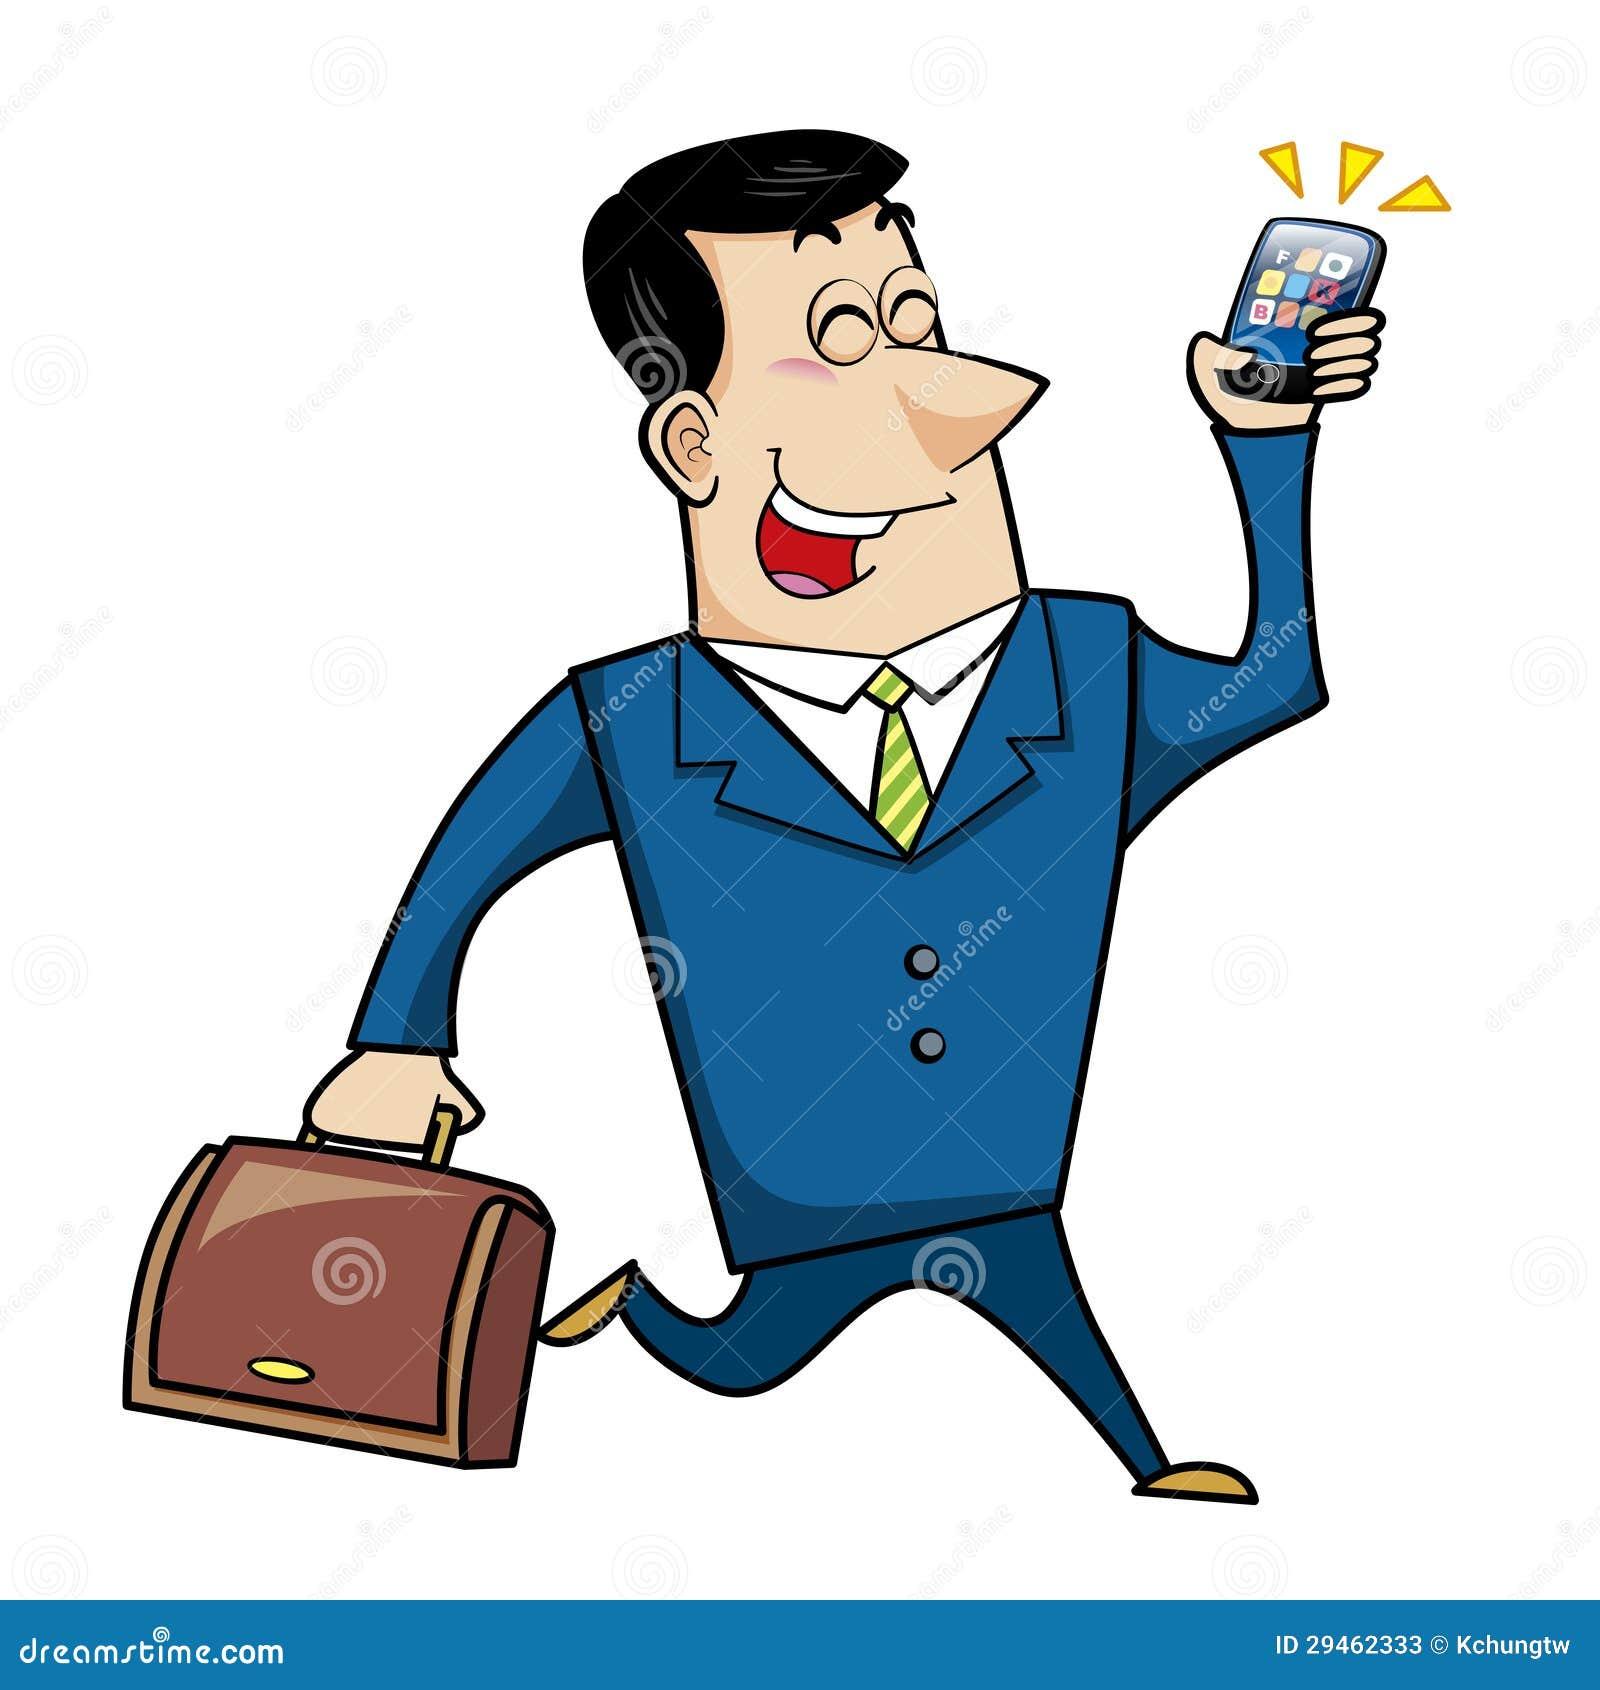 Cartoon Business Man Stock Photos - Image: 29462333